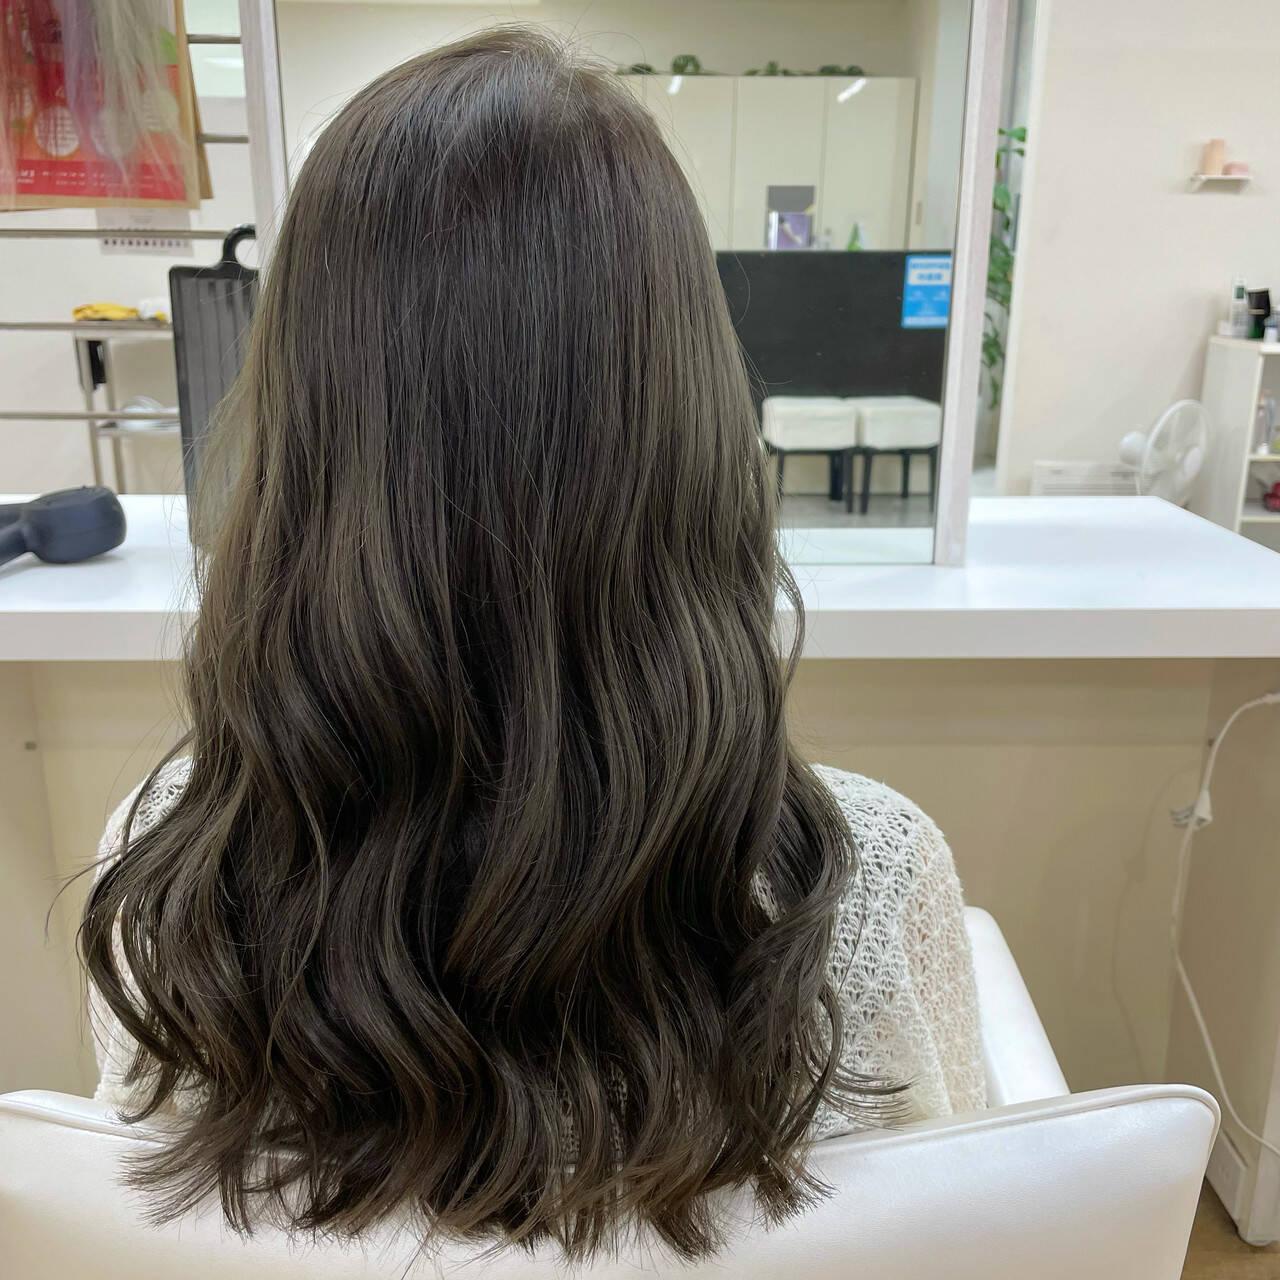 グレージュ 透明感カラー 韓国風ヘアー コテ巻きヘアスタイルや髪型の写真・画像